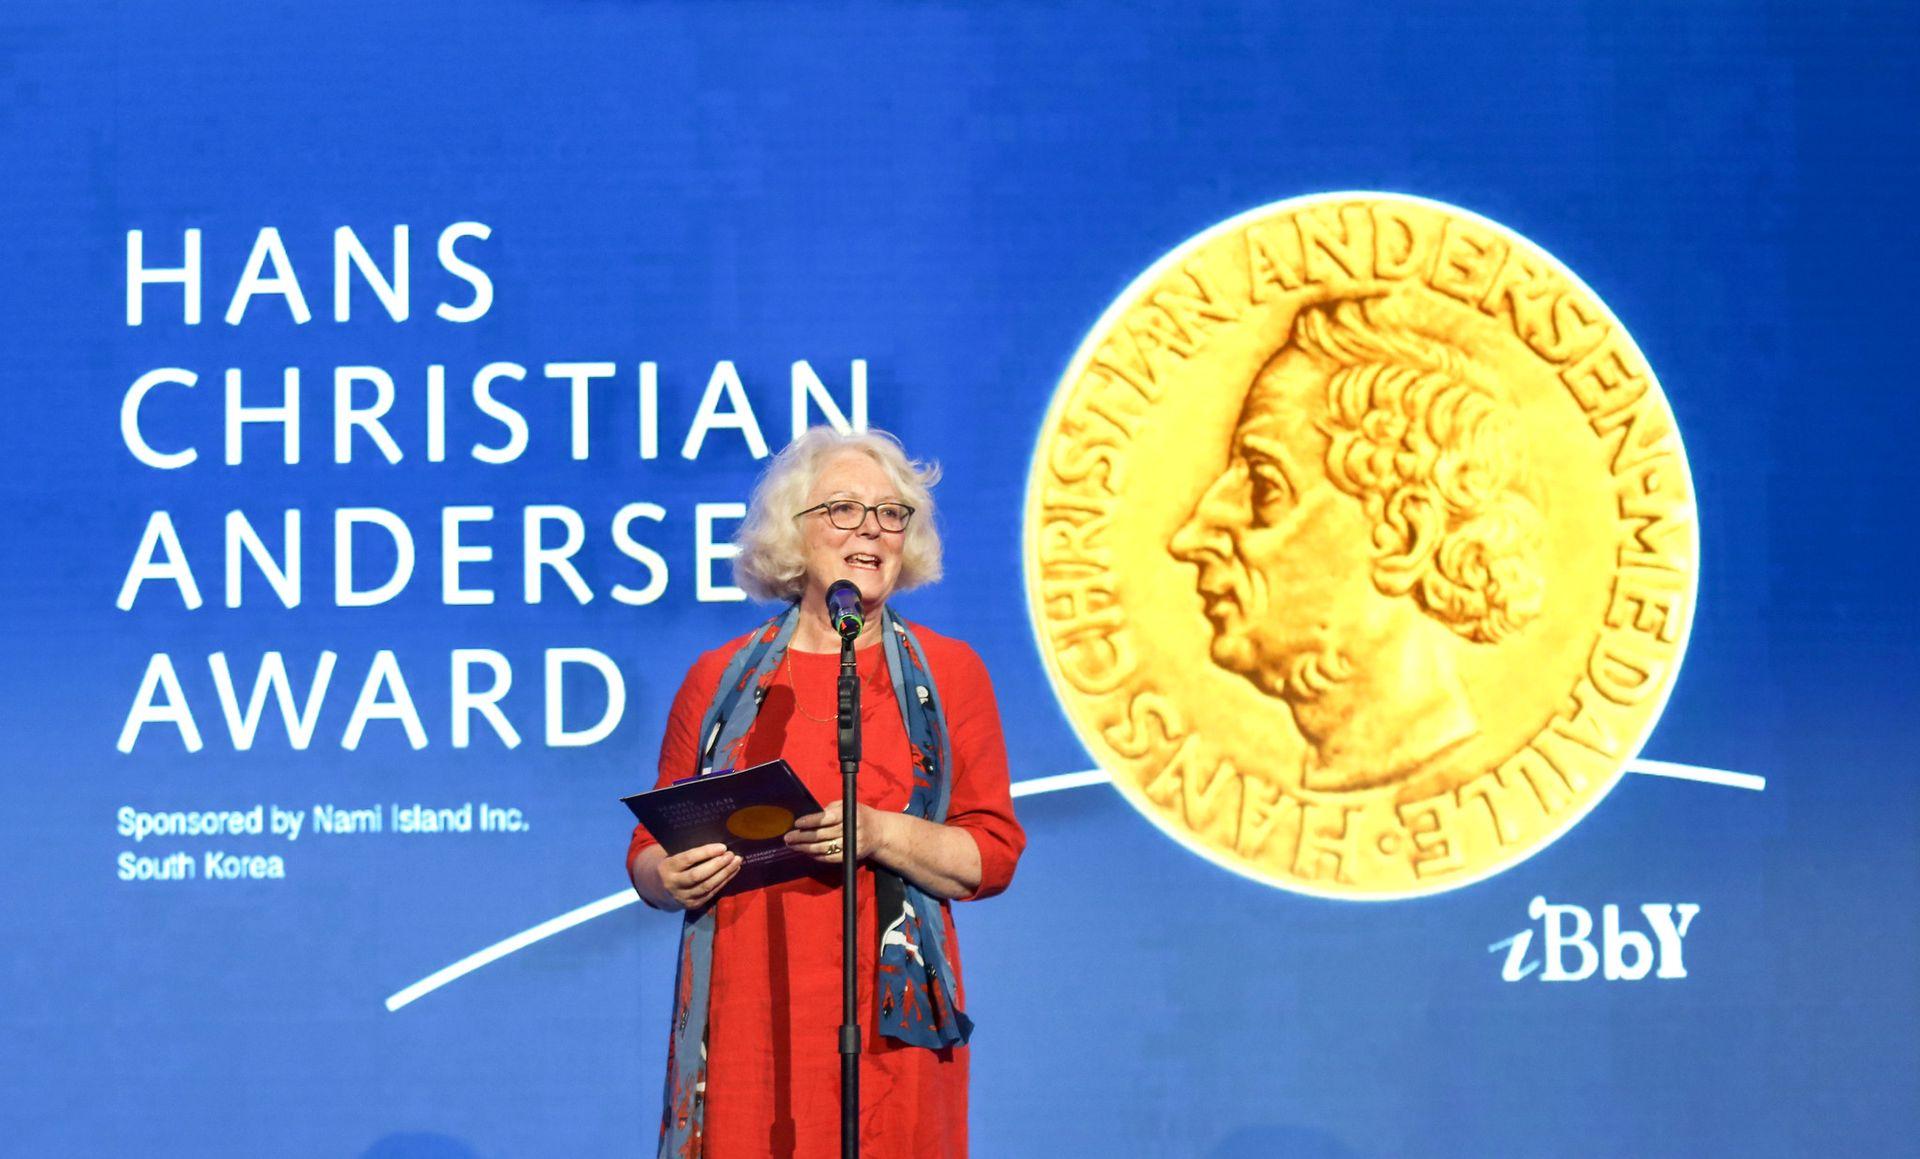 С приветственной речью выступила Лиз Пейдж, исполнительный директор IBBY, которая рассказала о премии Х. К. Андерсена и лауреатах этого года / пресс-служба РГДБ